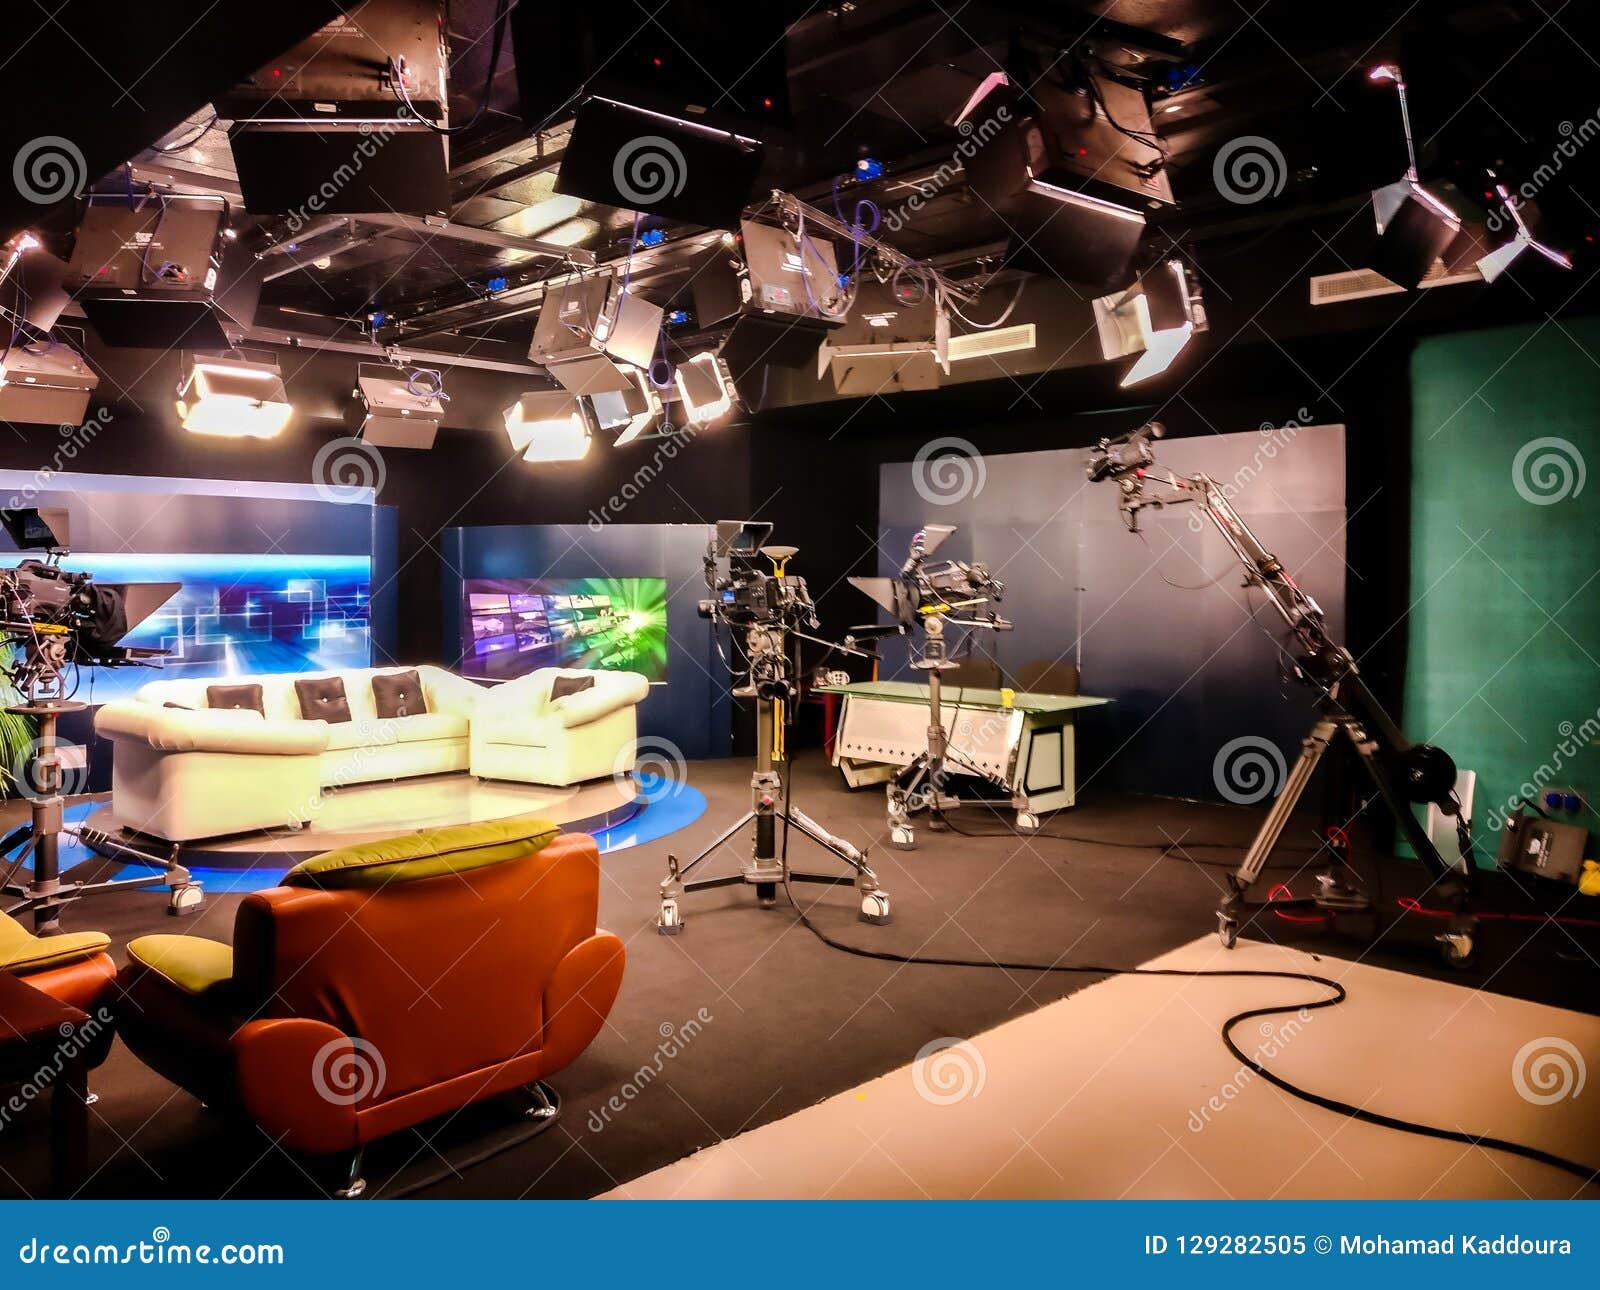 Fernsehstudio mit Kamera, Lichtern und Trainer für Interview für das Notieren von Fernsehshow - Hochschulkommunikationscollage